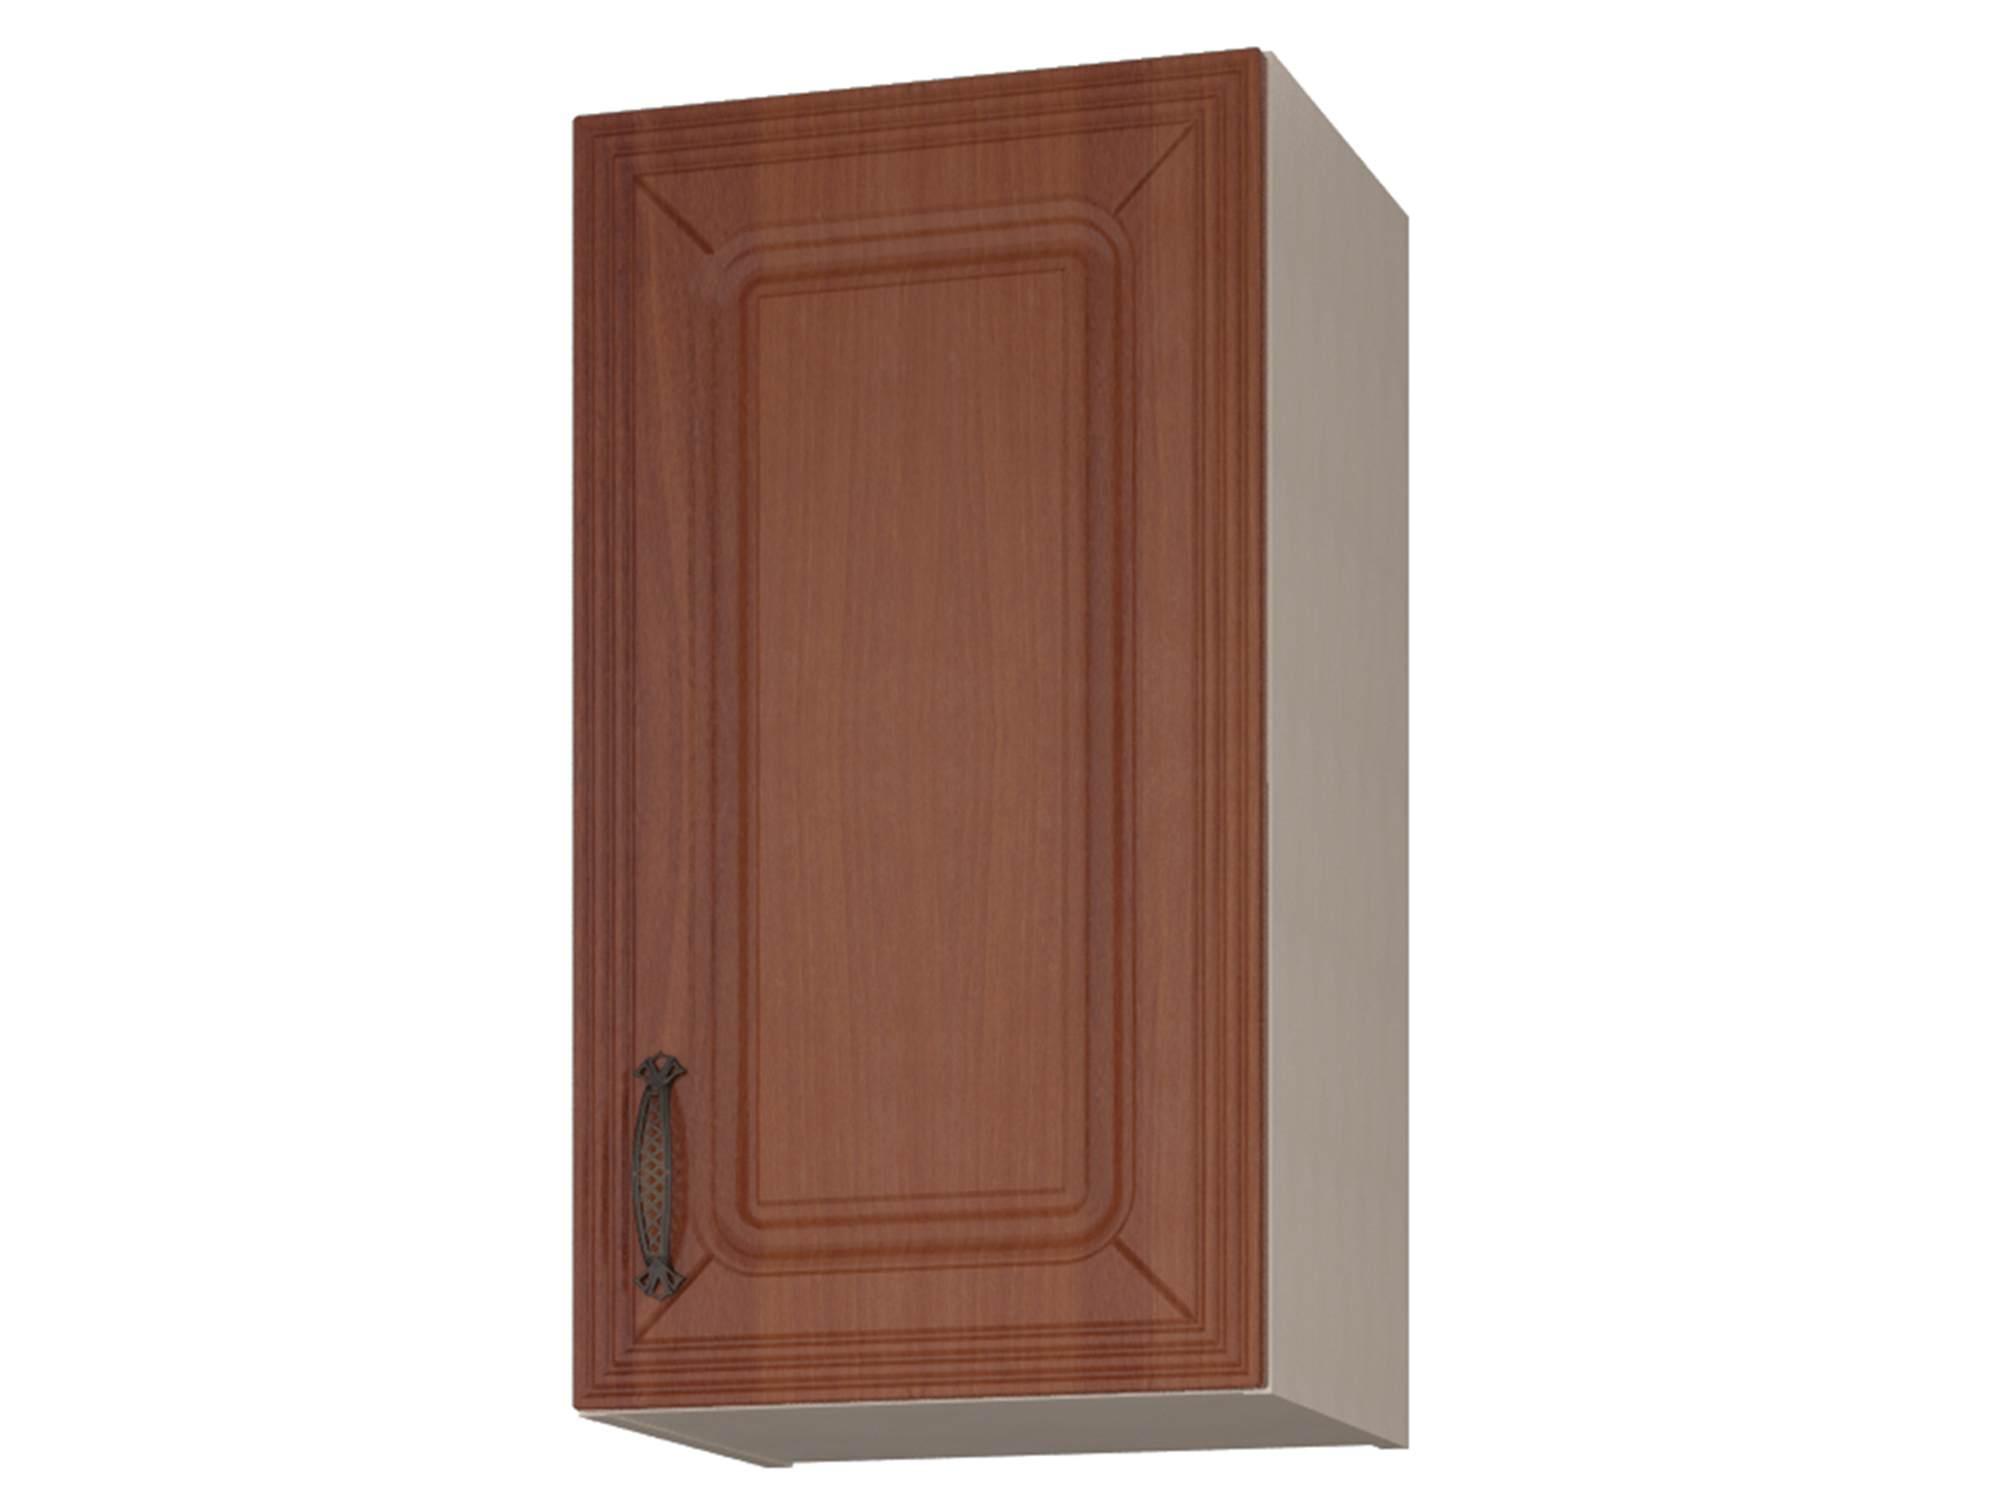 кухонные навесные шкафы картинками одно приятное как